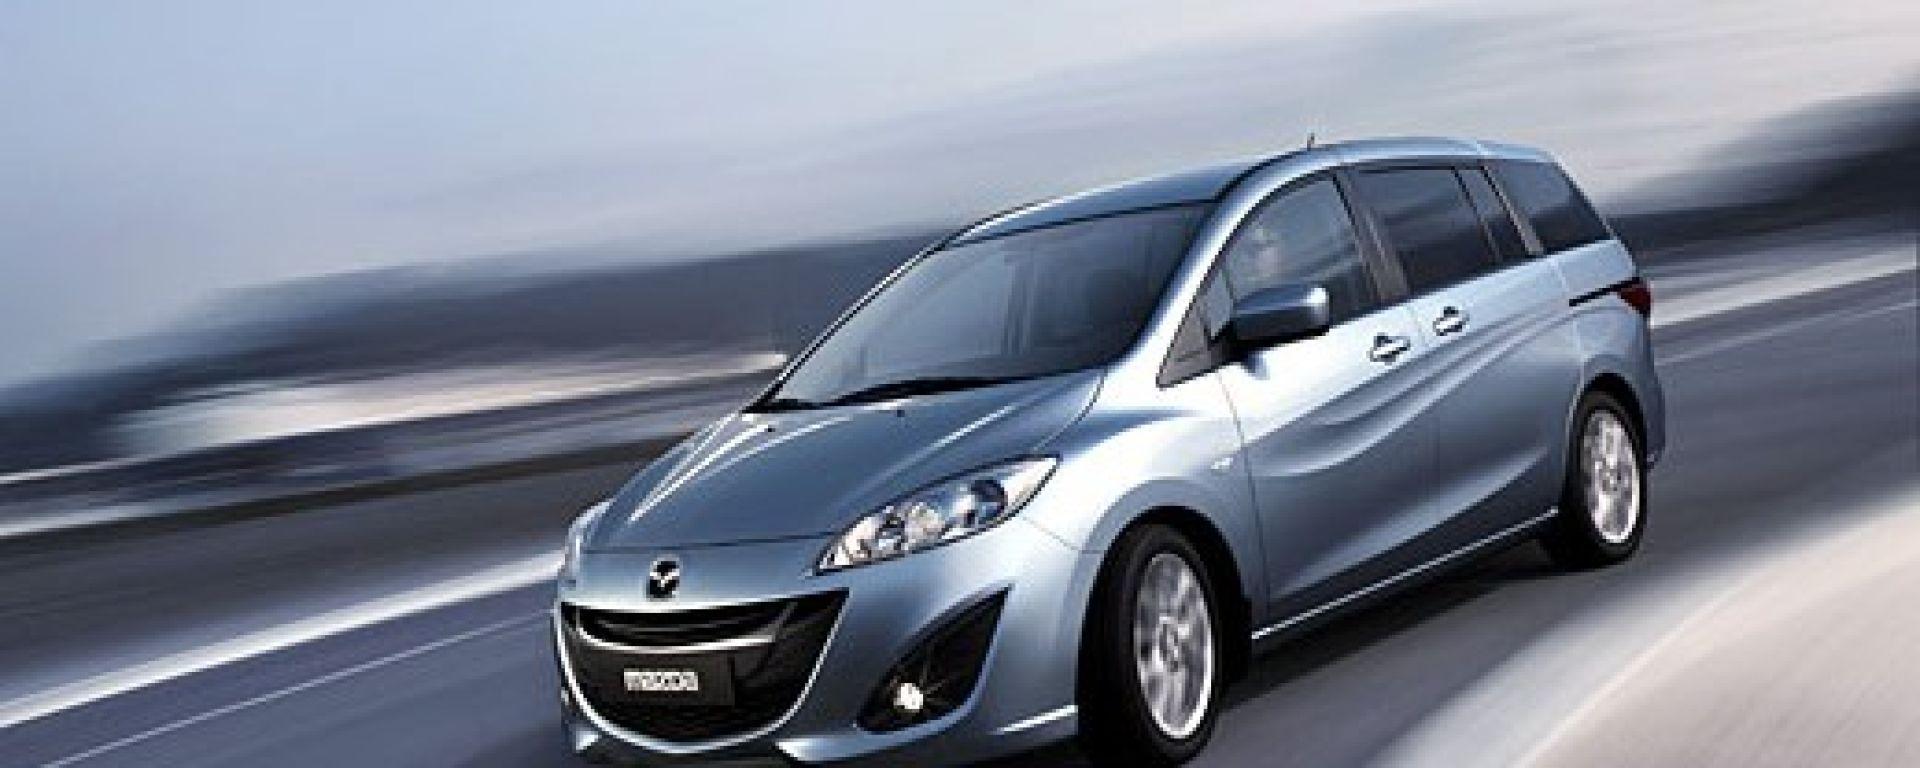 La Mazda5 2010 in 60 nuove immagini